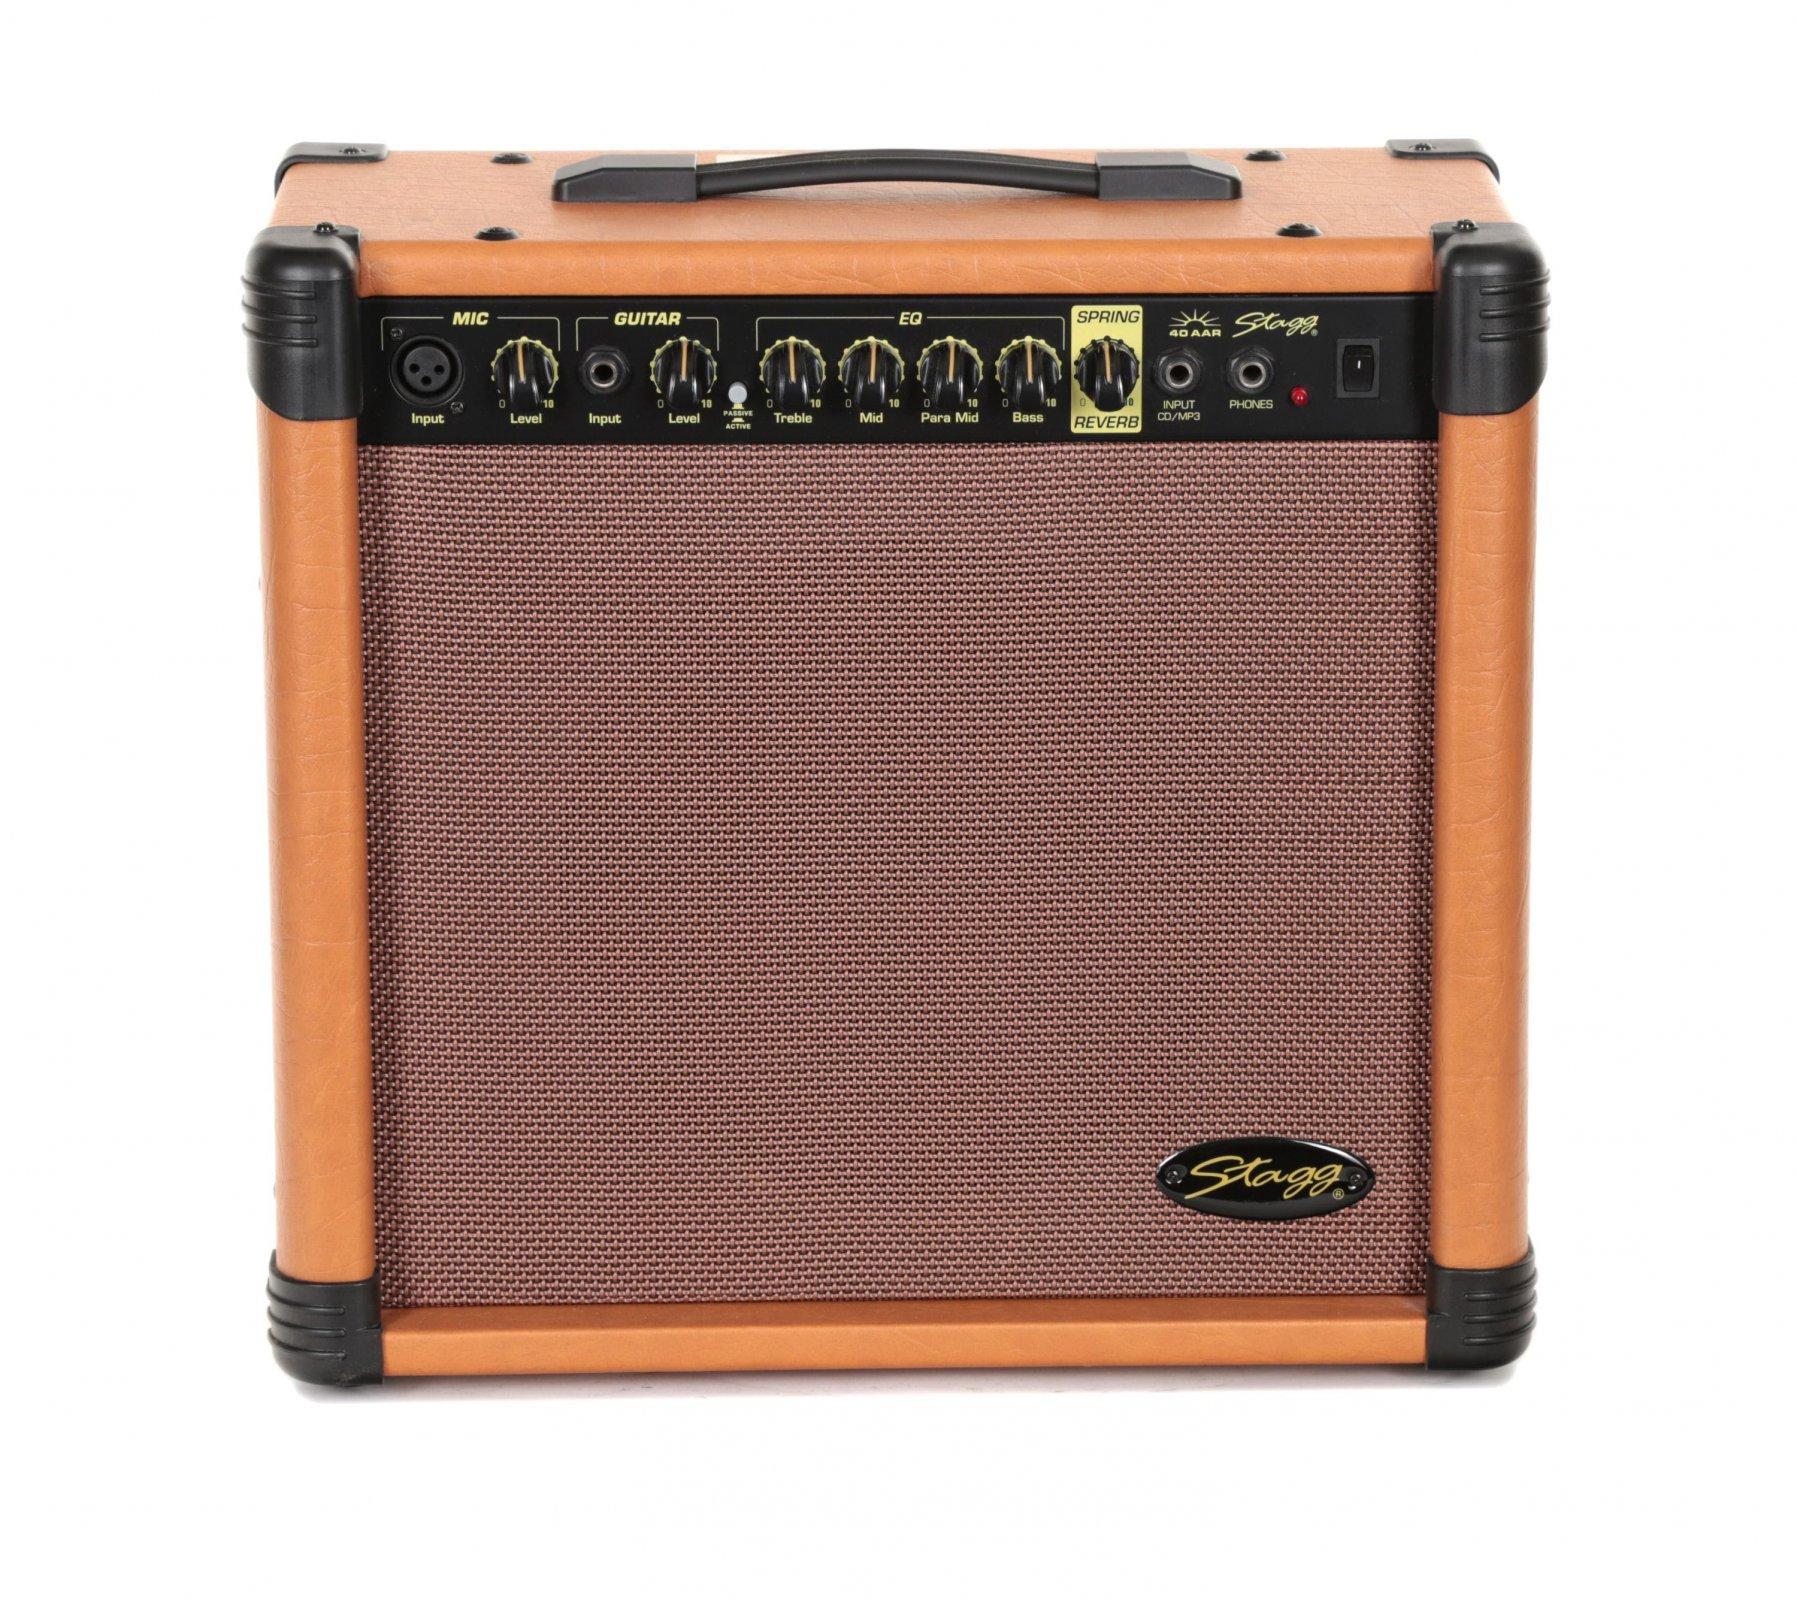 Stagg 40 AAR Amplifier